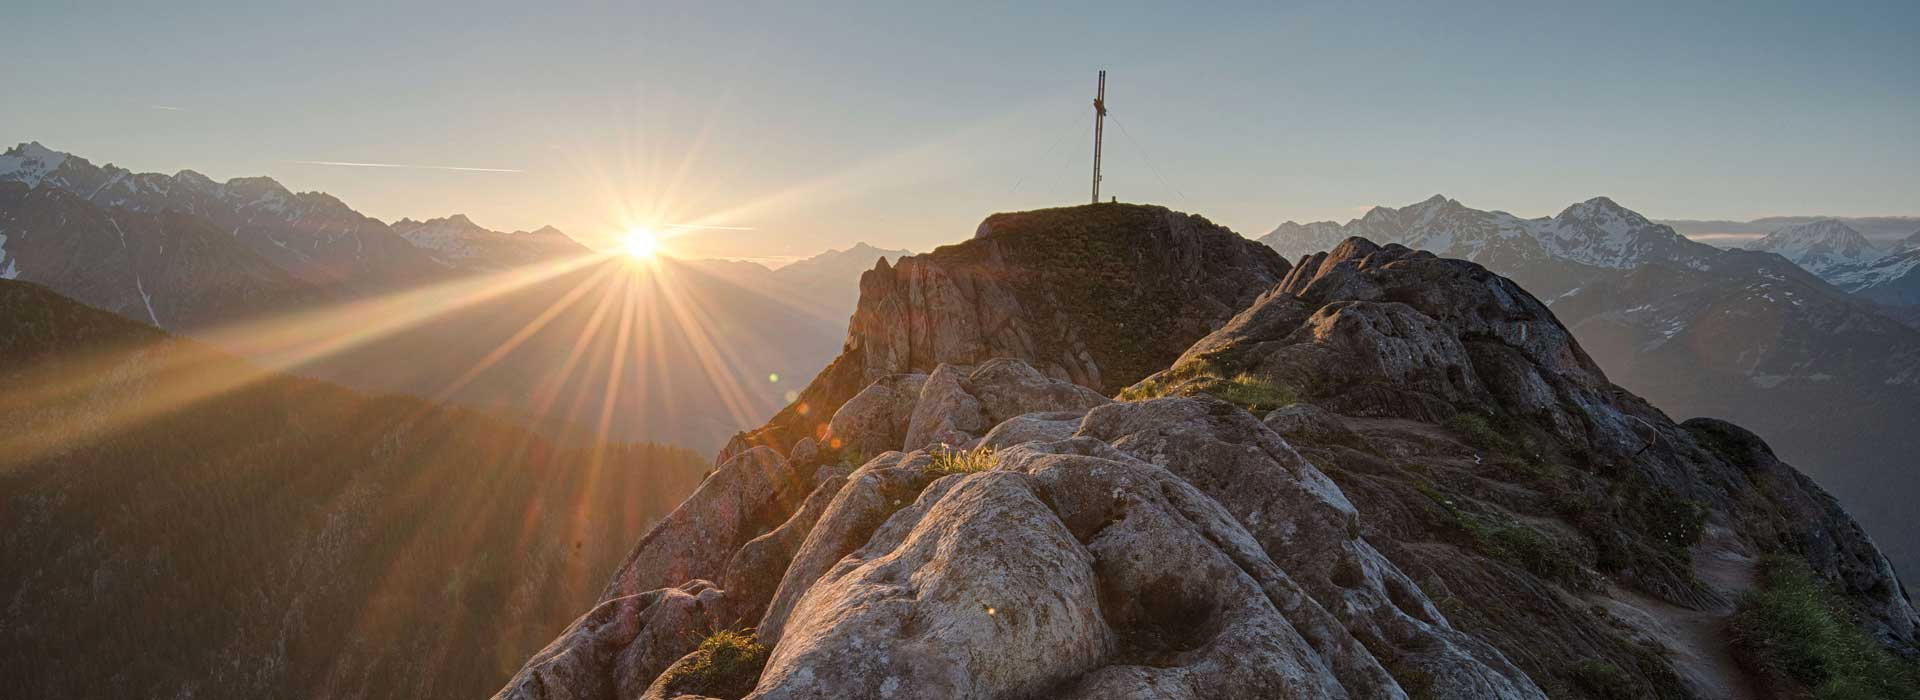 Bild: Ahrntal - Sonnenutergang - Filippo Galluzzi